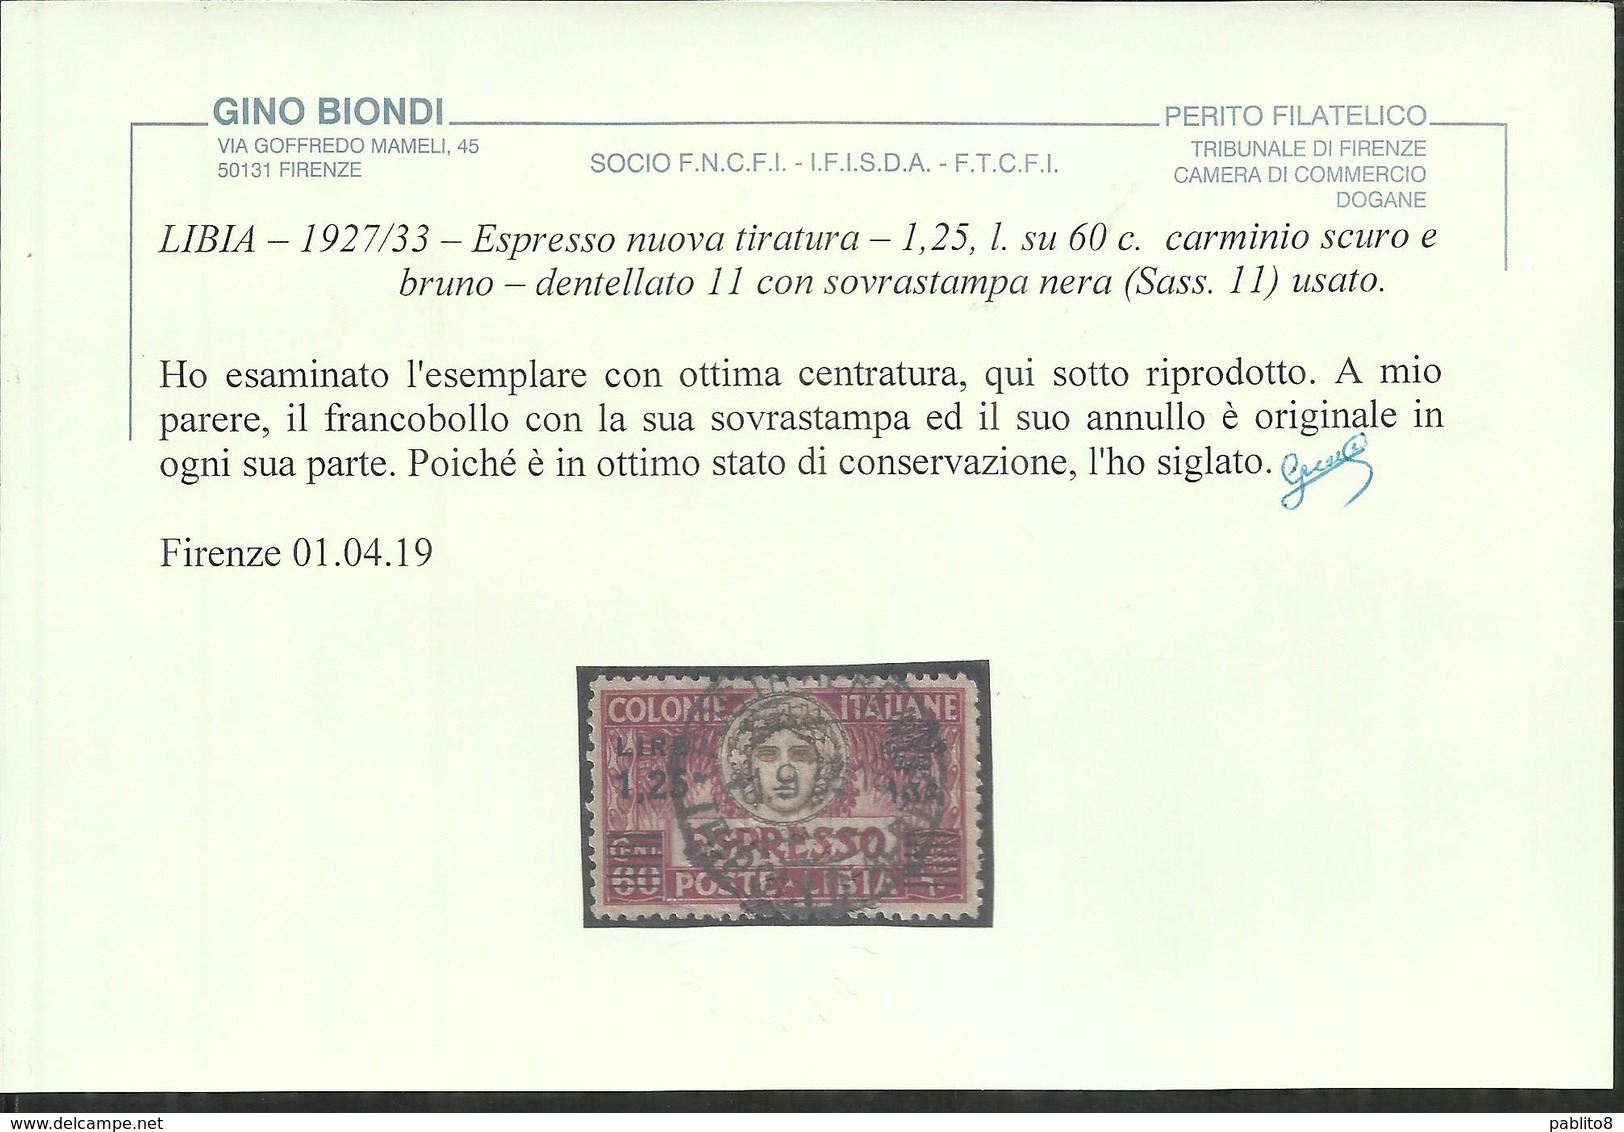 LIBIA 1927 1933 ESPRESSO SPECIAL DELIVERY LIRE 1,25 SU 60c SOPRASTAMPA NERA BLACK DENT PERF. 11 USATO CERTIFICATO - Libia